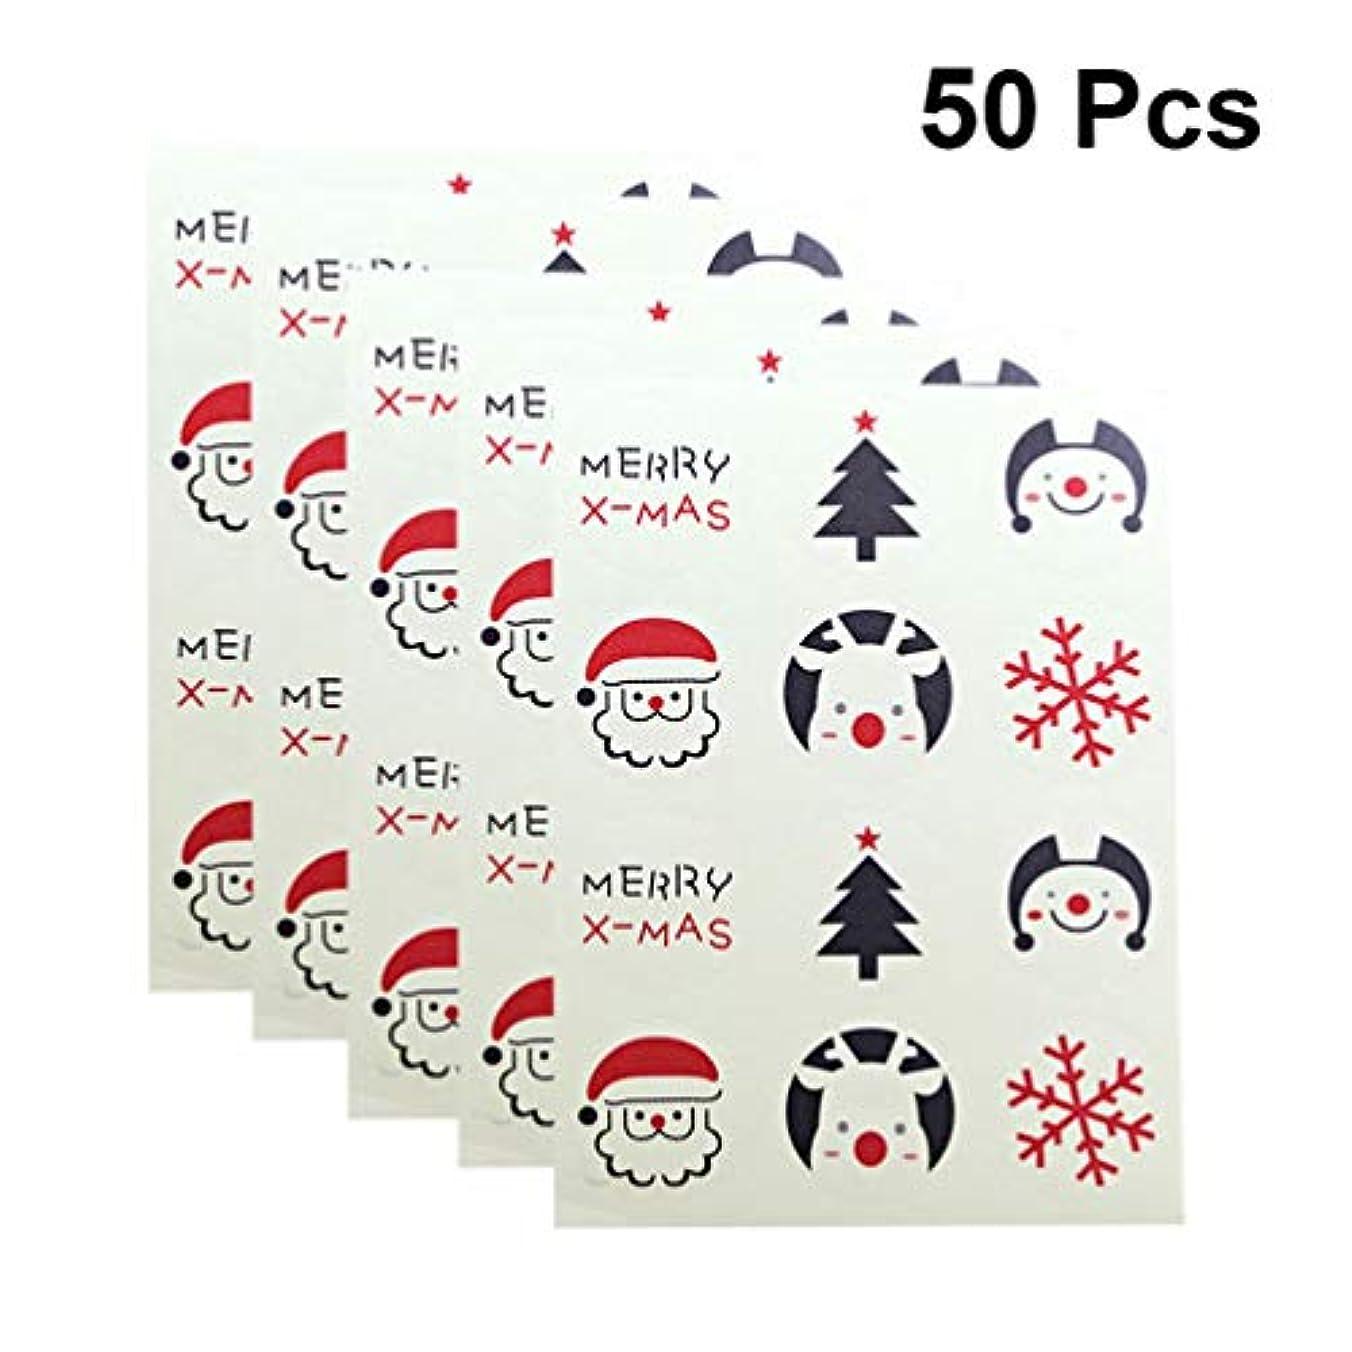 生産的添加剤過ちHealifty クリスマスシールステッカーサンタ装飾シールステッカー粘着封筒シールラベルデカール用装飾50枚